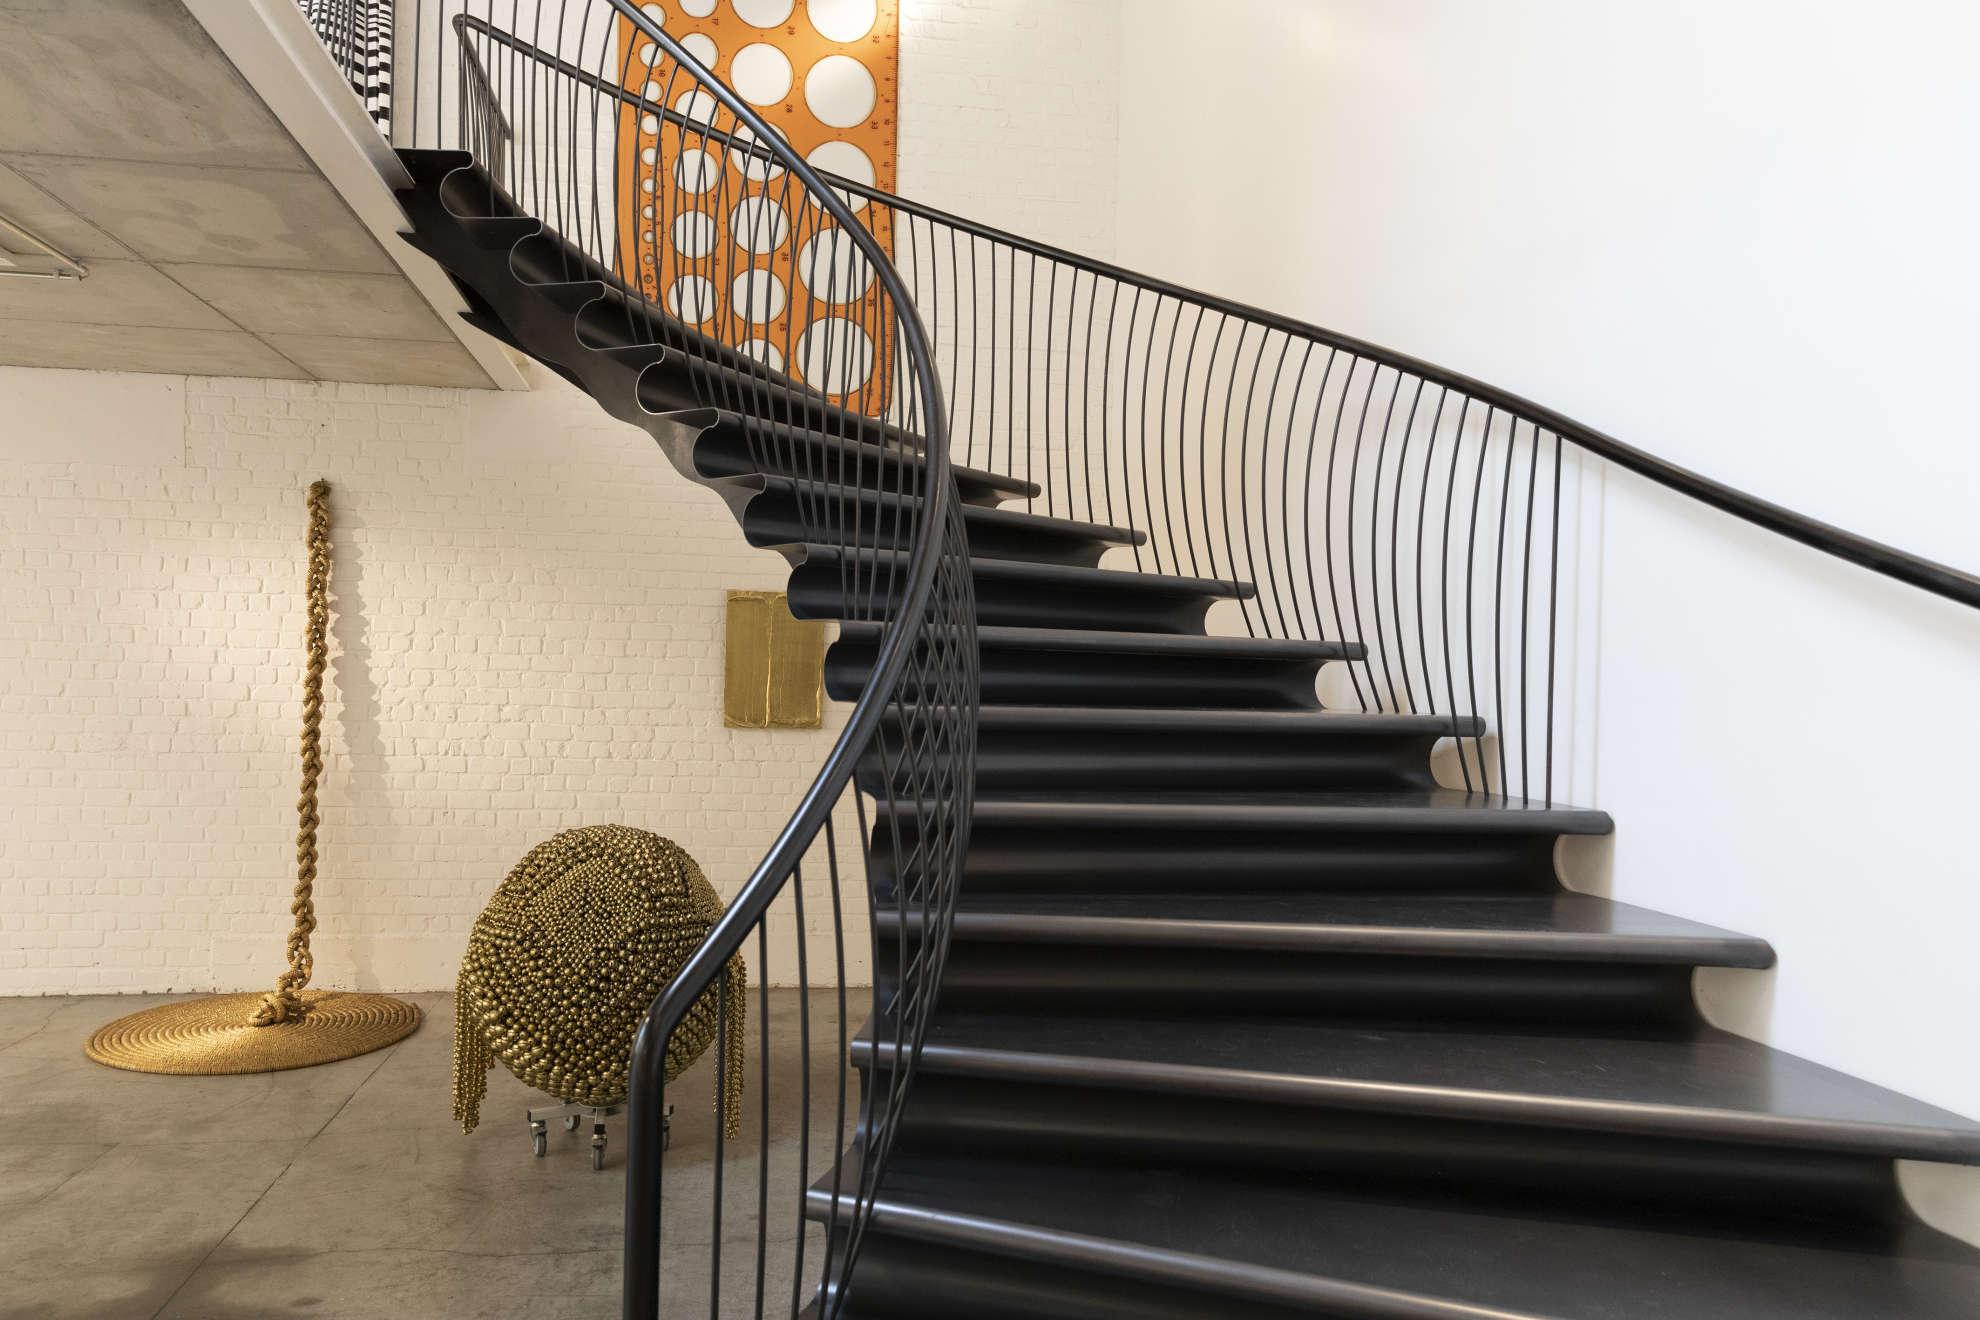 295 staircase ©Galila's P.O.C